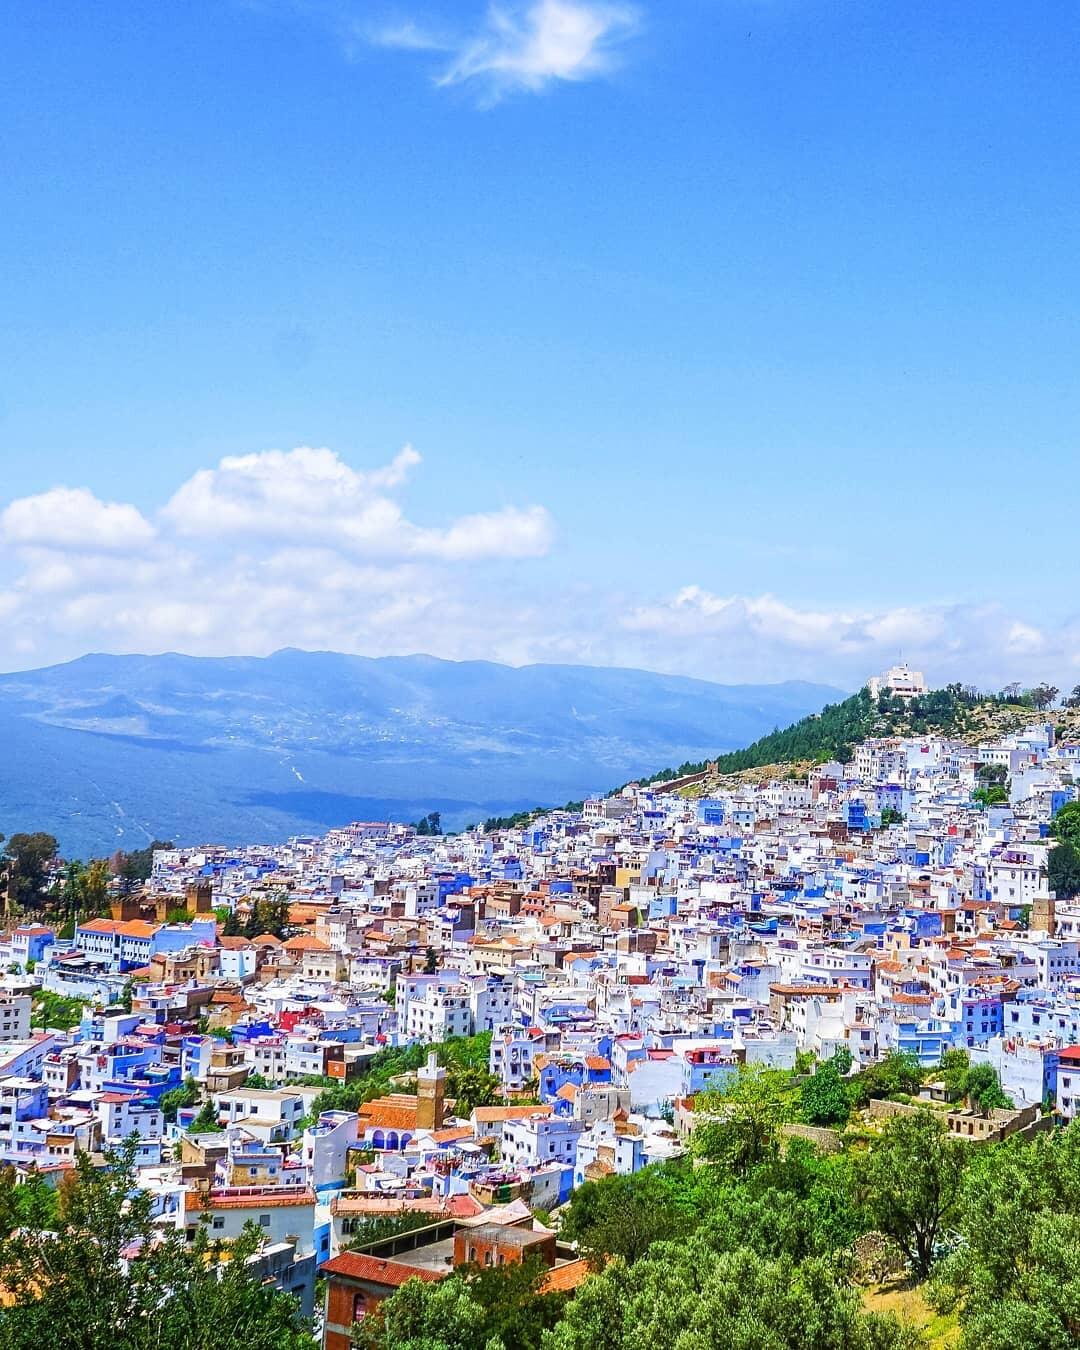 vista panorámica de la ciudad azul